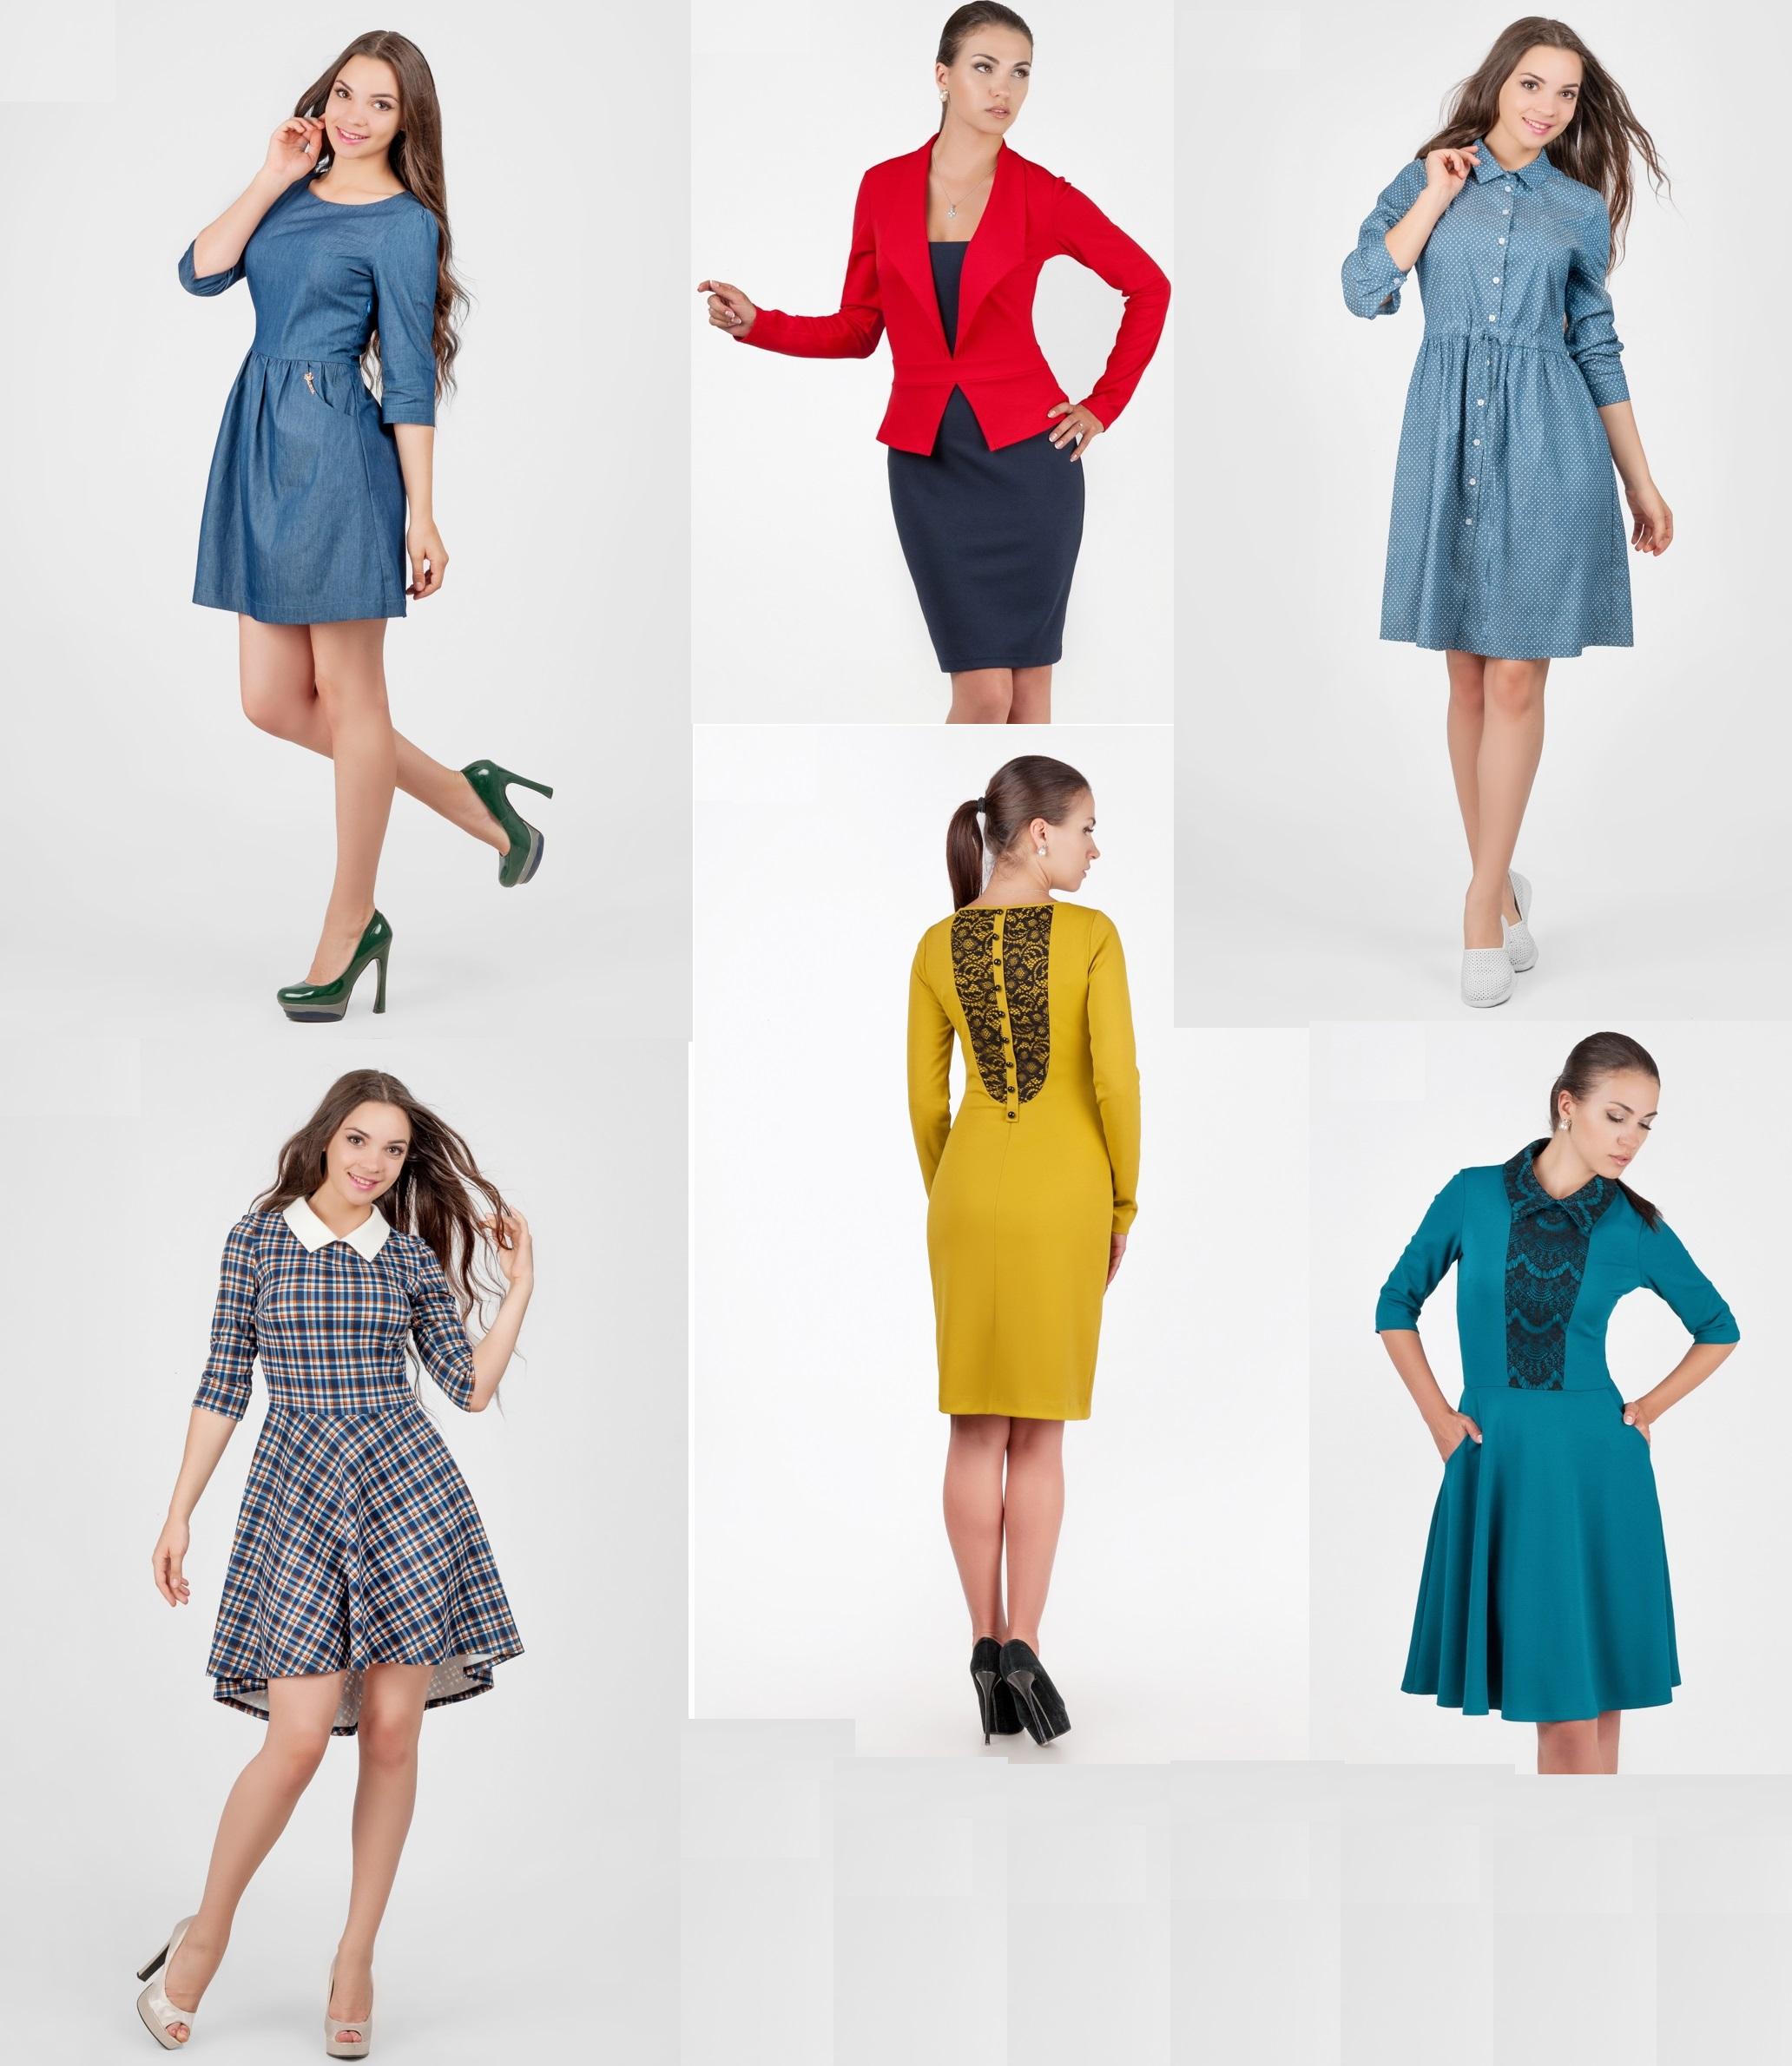 Сбор заказов. Женская одежда V@V - новая коллекция Осень-2016, а также модели из предыдущих коллекций. Выкуп 29. Без рядов.